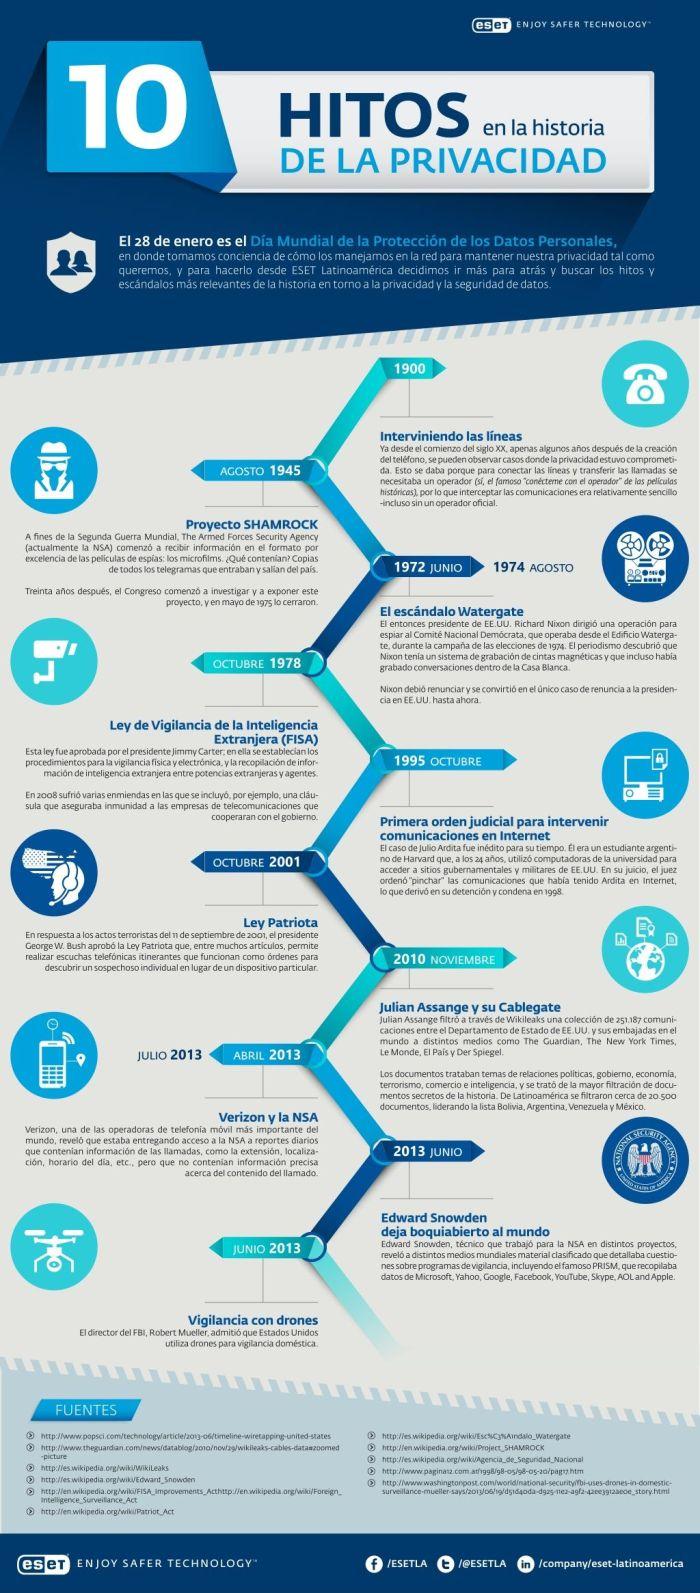 10-hitos-privacidad-infografia